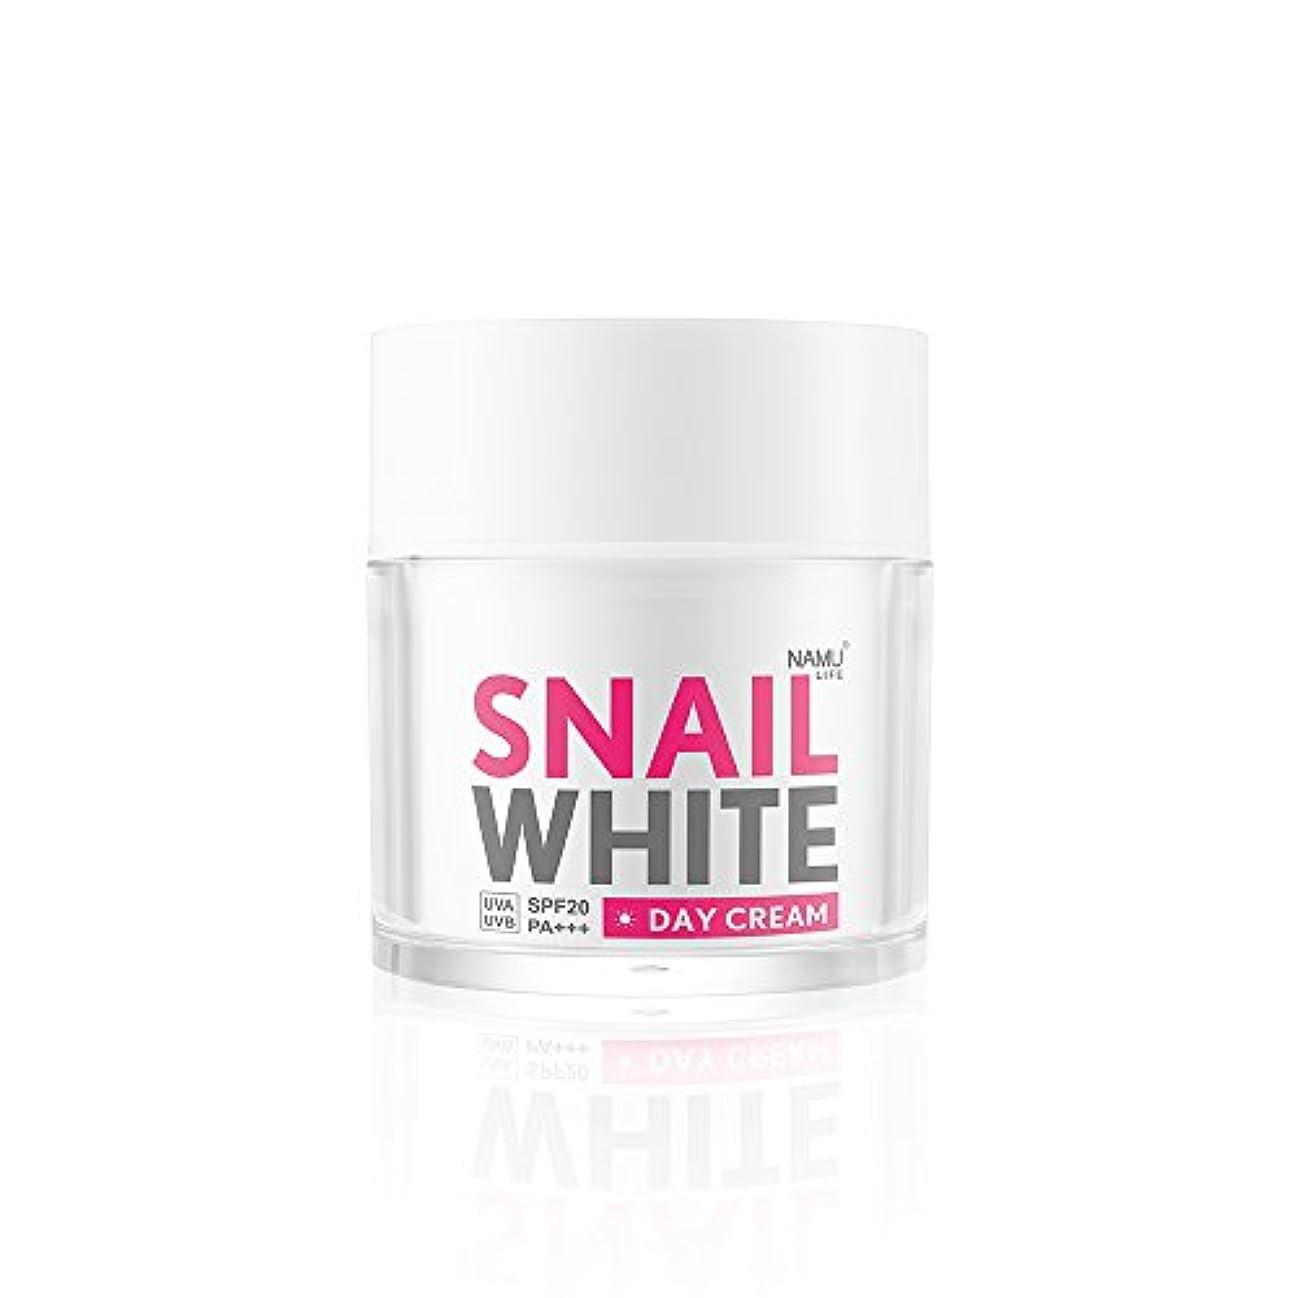 踏み台深くフェンスナムライフスパイニイトデイクリーム50 ml ホワイトニング NAMU LIFE SNAILWHITE DAY CREAM 50 ml.